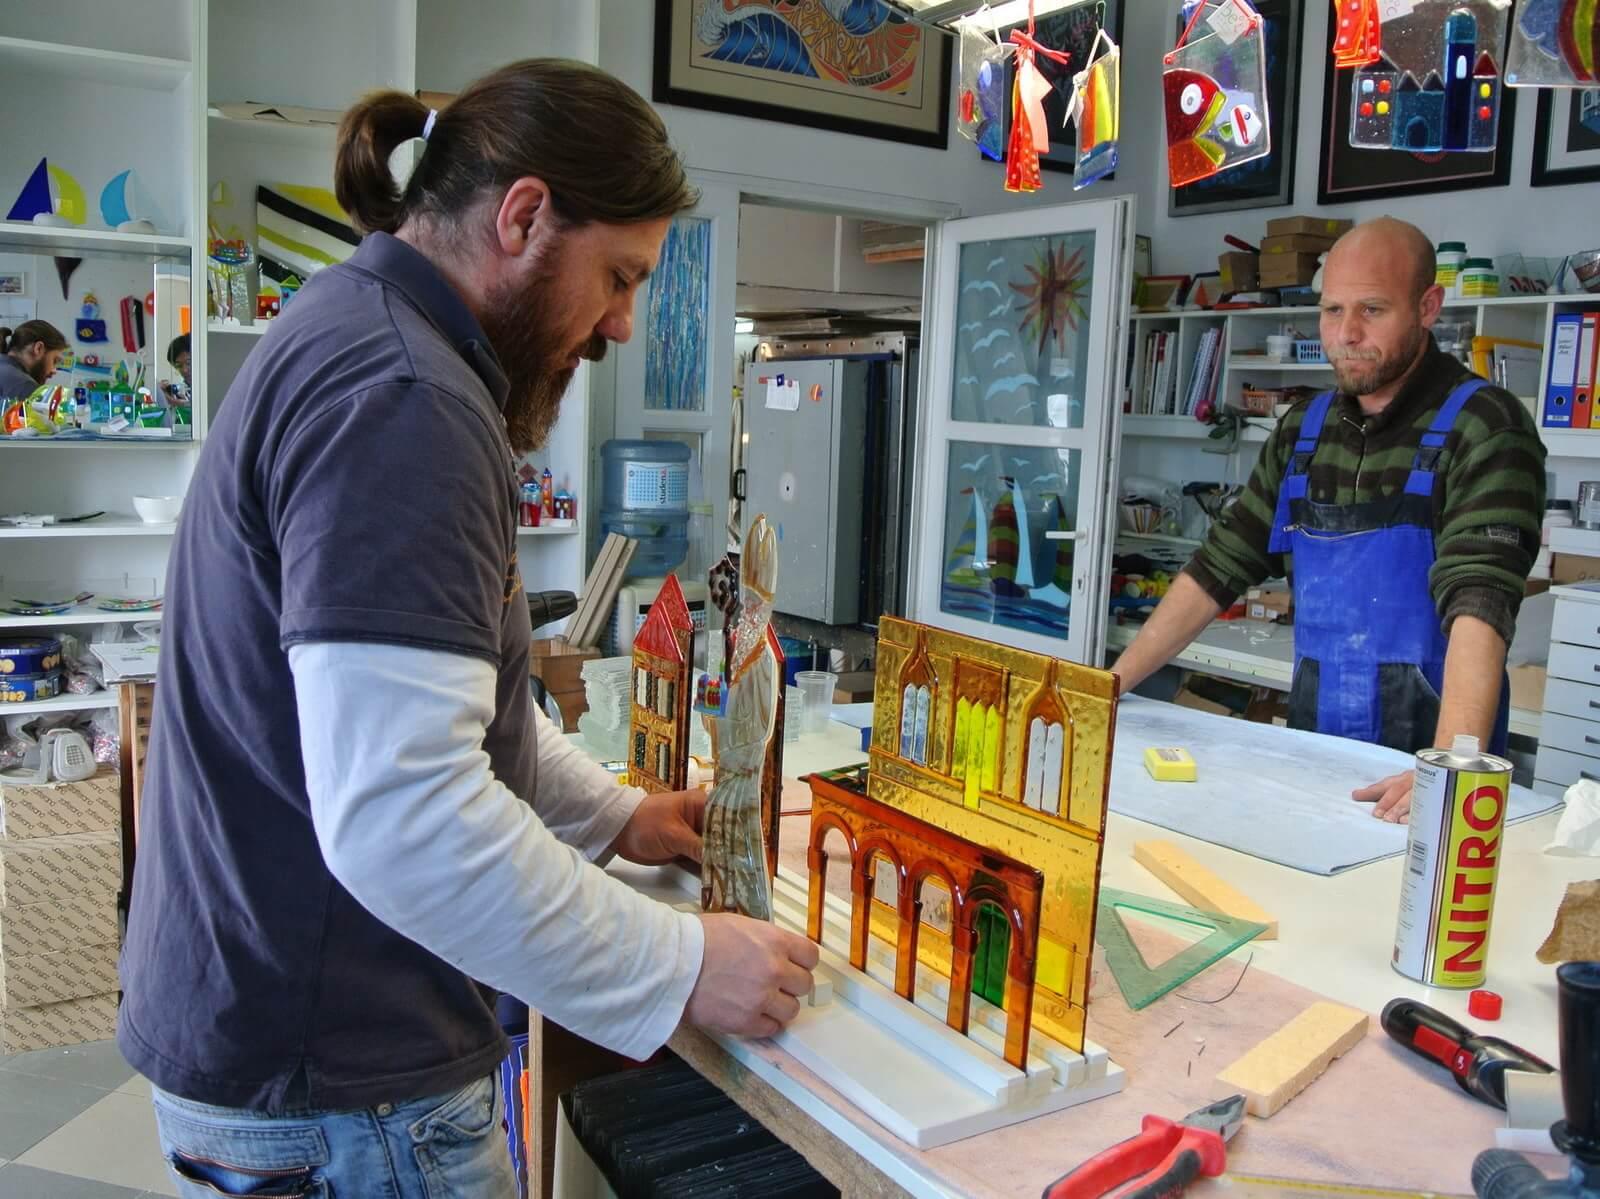 Be Craft radionica za dizajn i obradu stakla